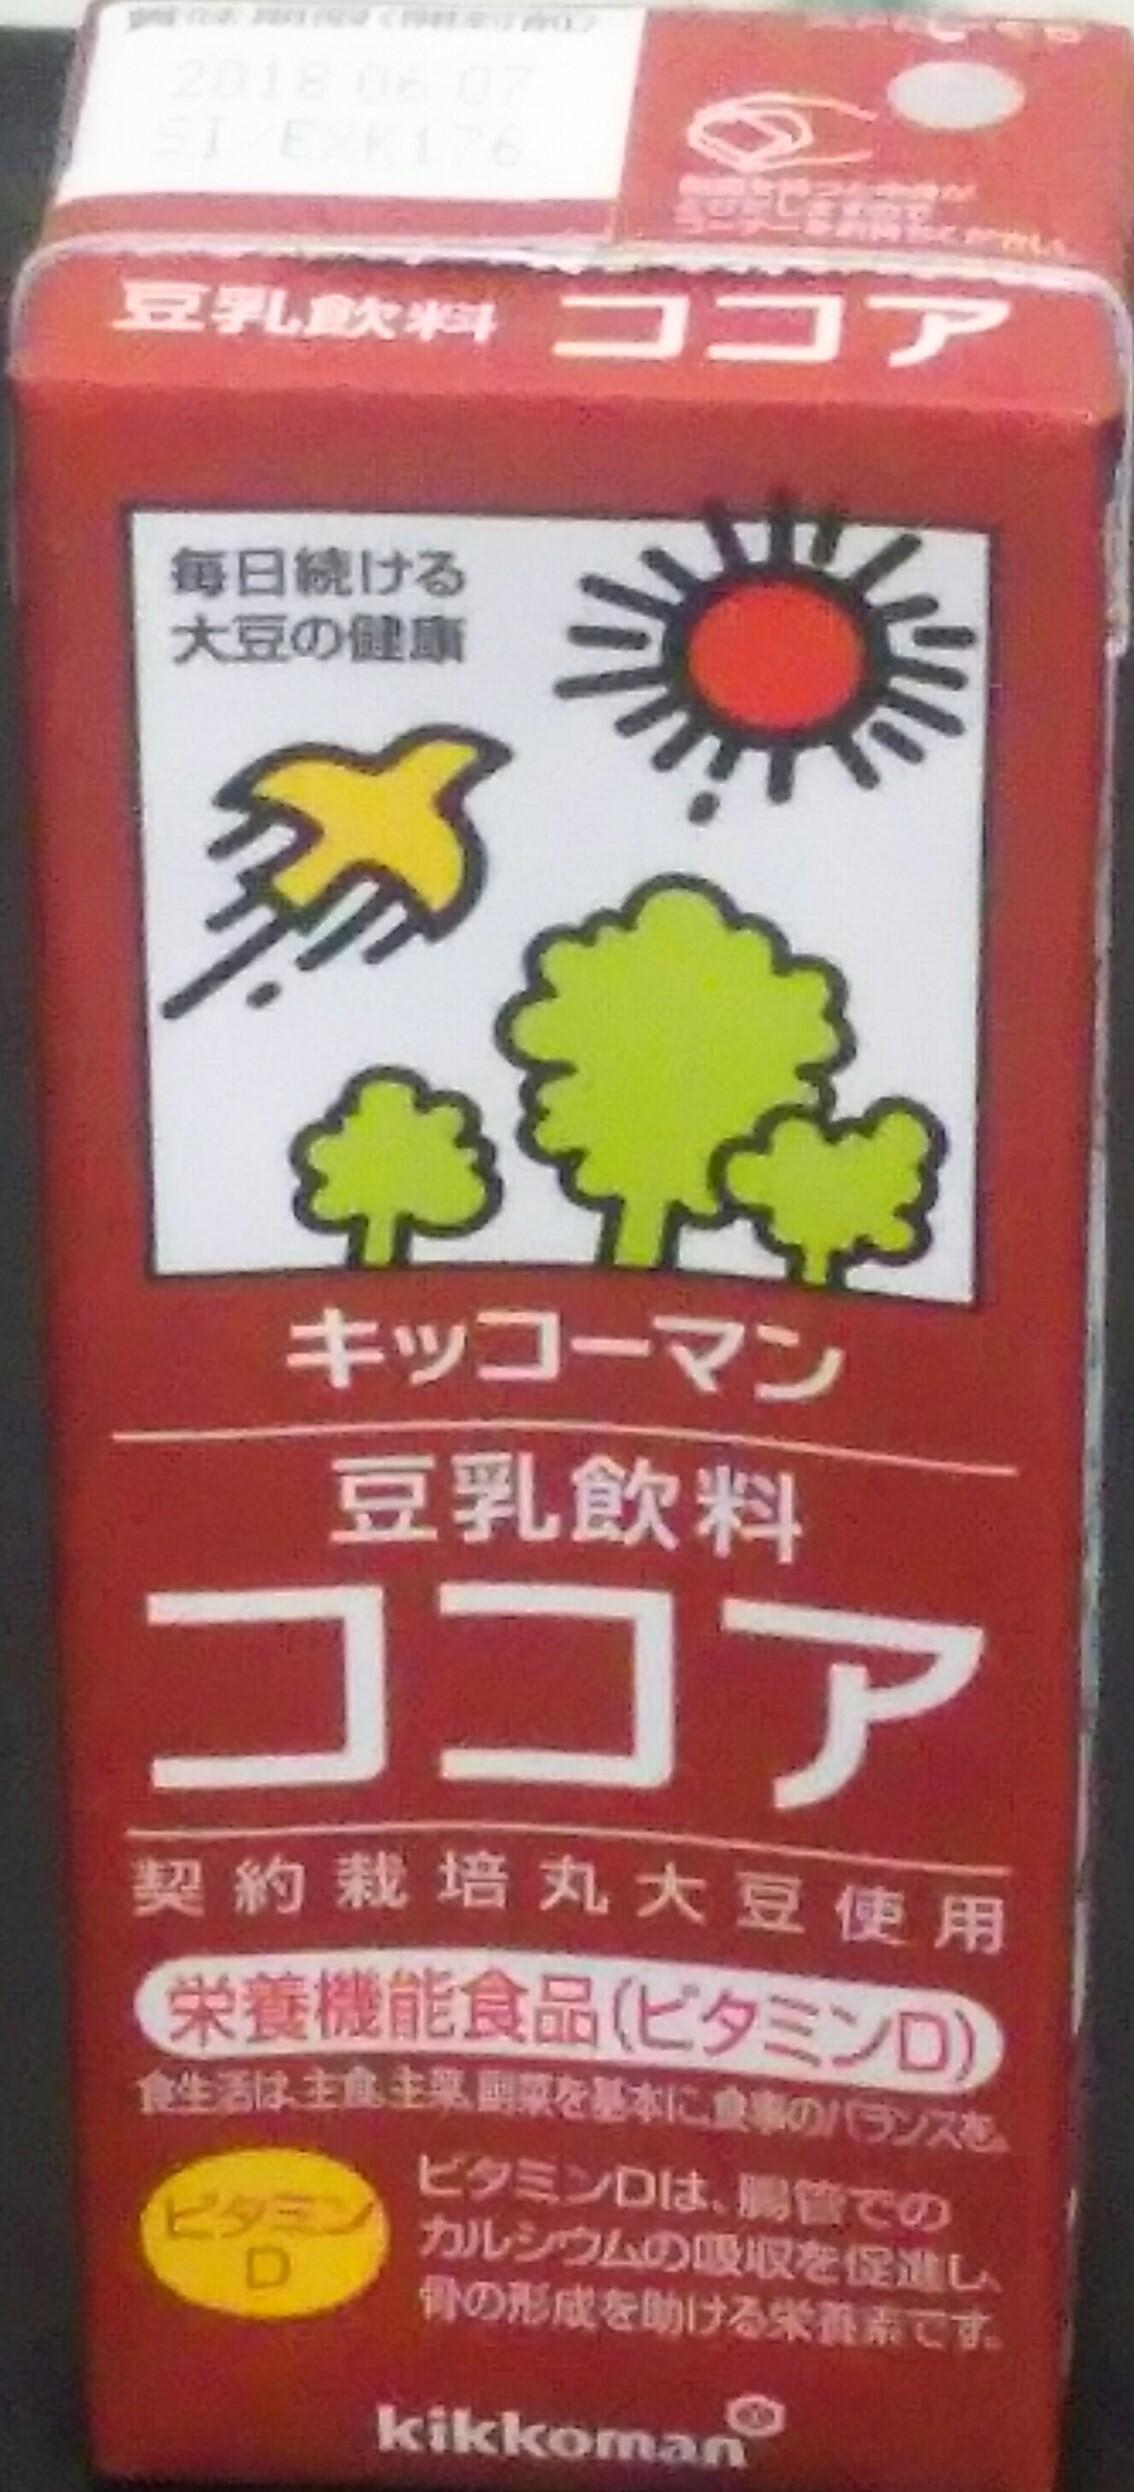 豆乳飲料 ココア(キッコーマン)感想・レビュー